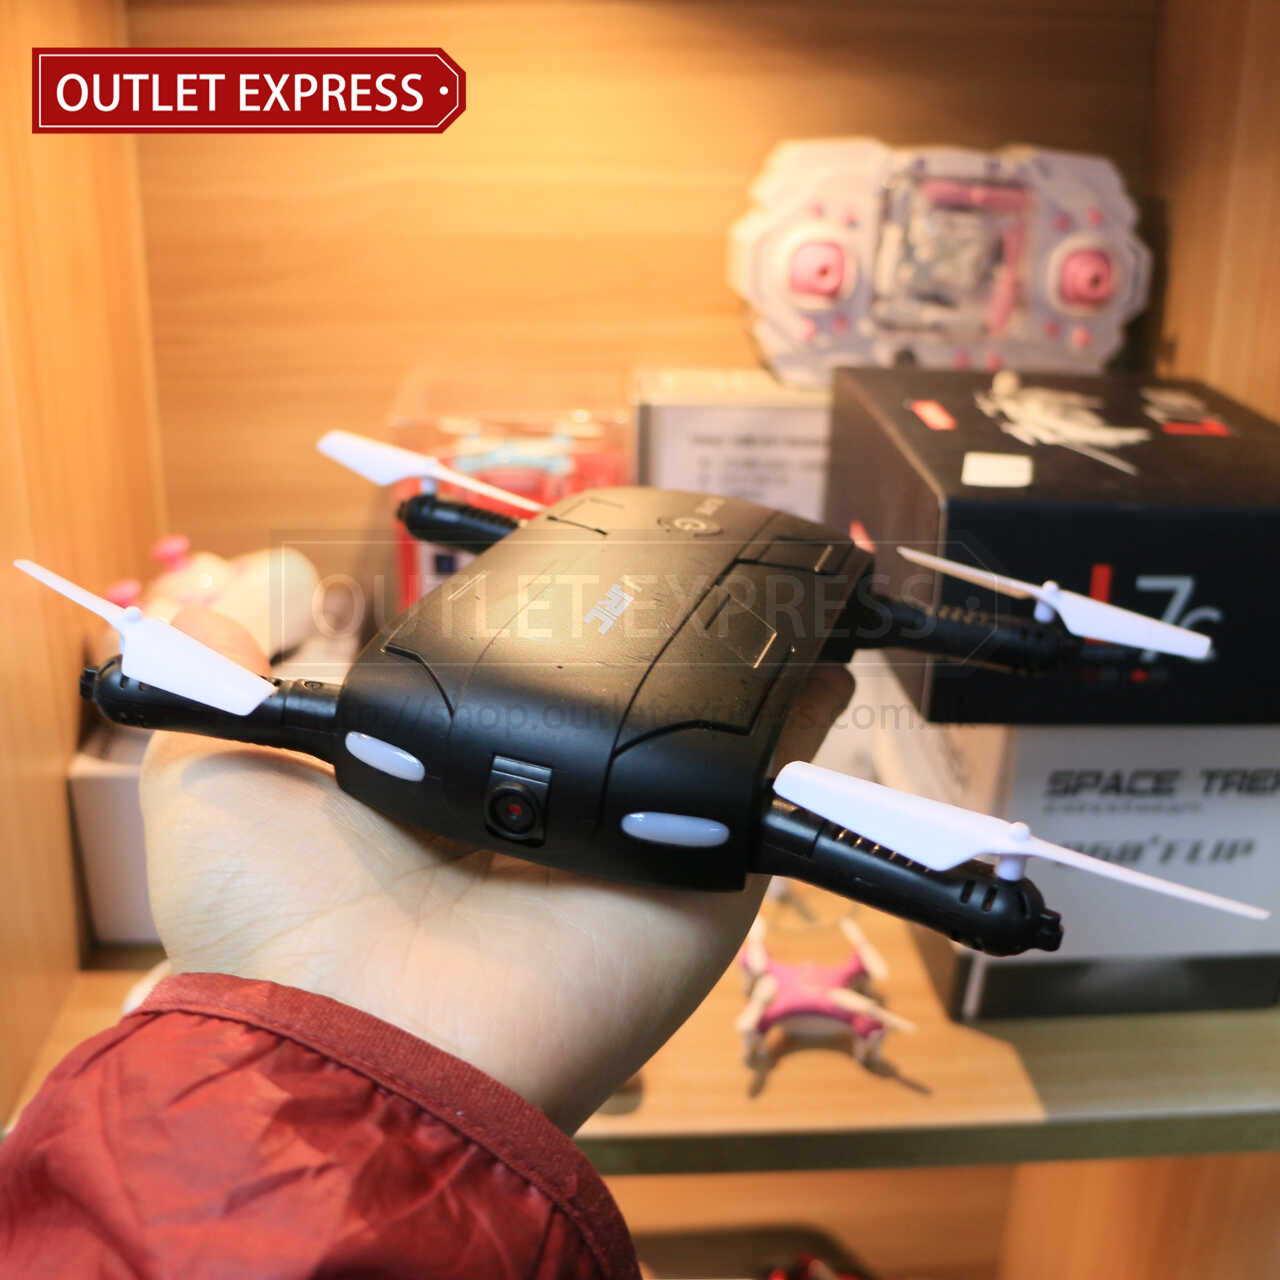 JJRC H37 可折疊迷你四軸無人機飛行器 開展 - Outlet Express HK生活百貨城實拍相片